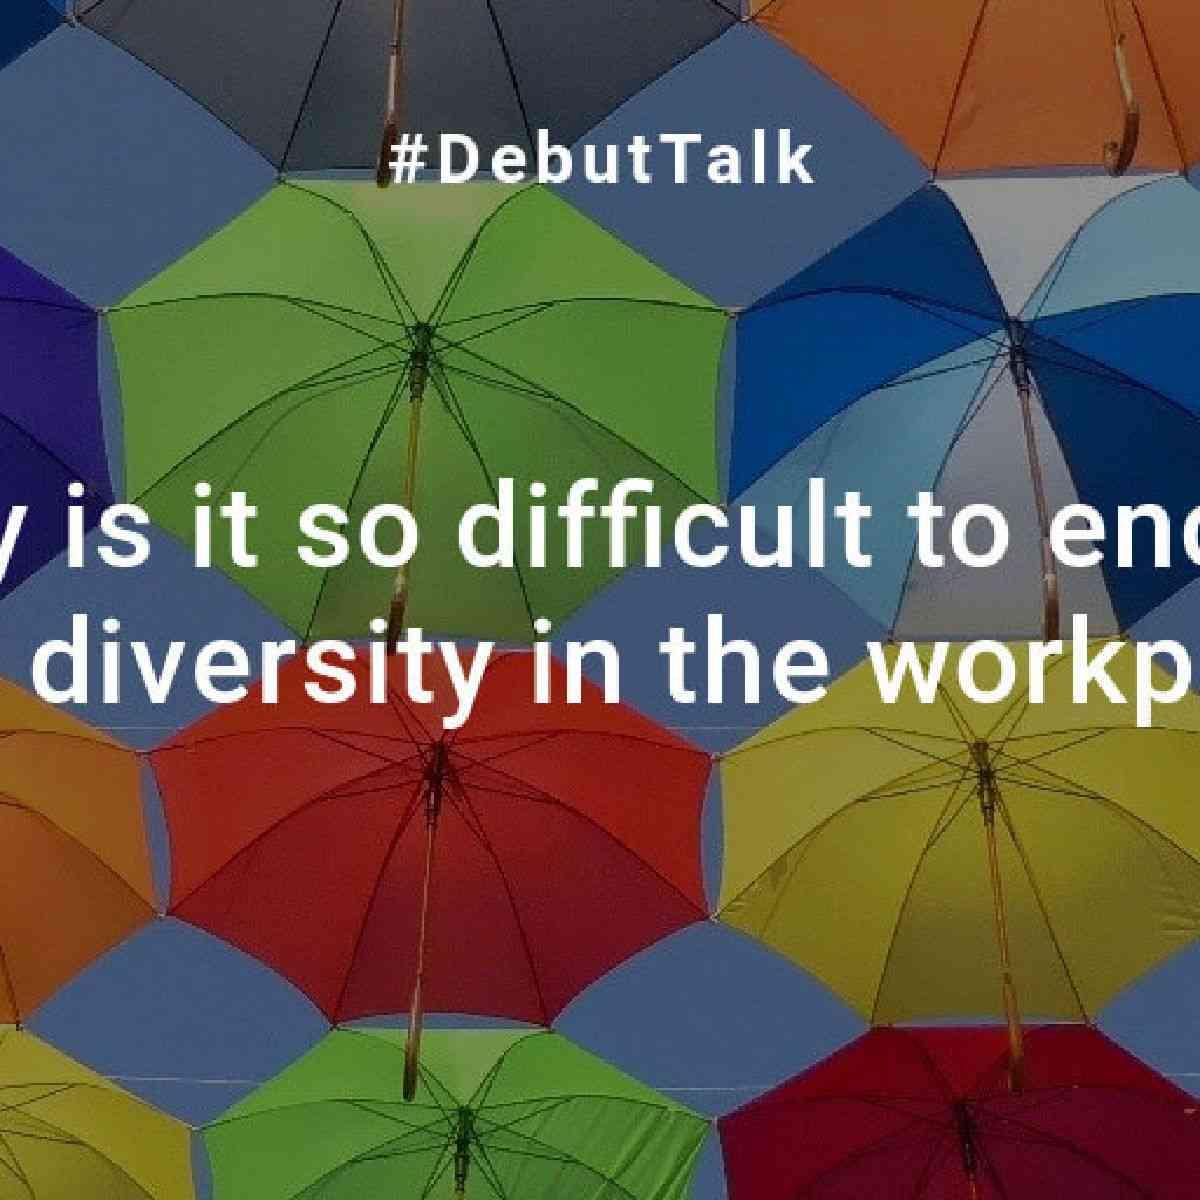 DebutTalk5-Q3: Diversity